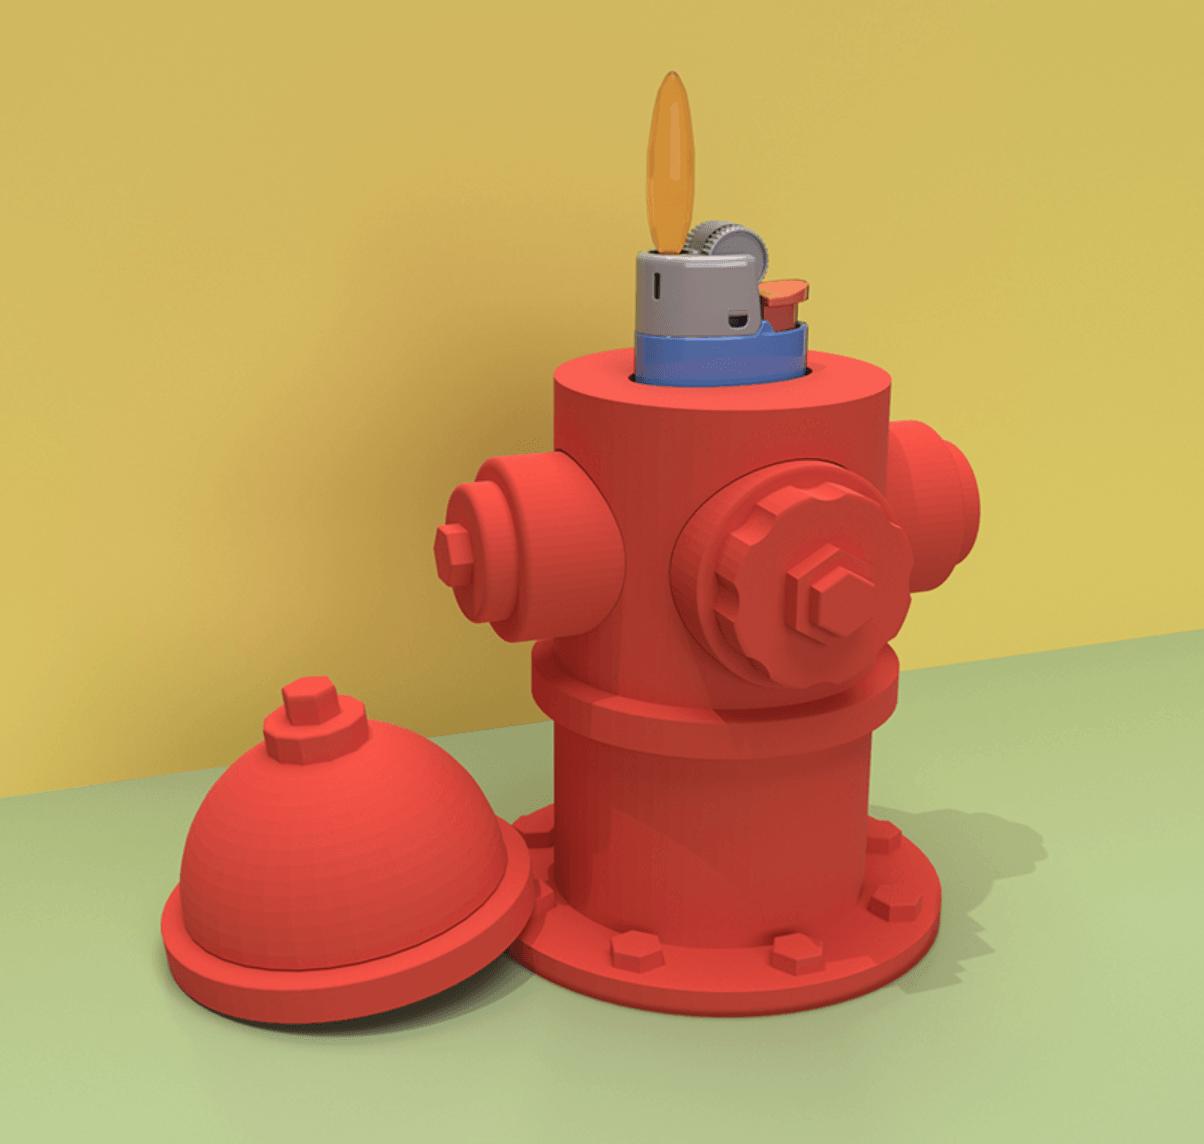 Capture d'écran 2018-04-25 à 15.16.29.png Download STL file LIGHT-A-FIRE HYDRANT • 3D print object, GrahamIndustries